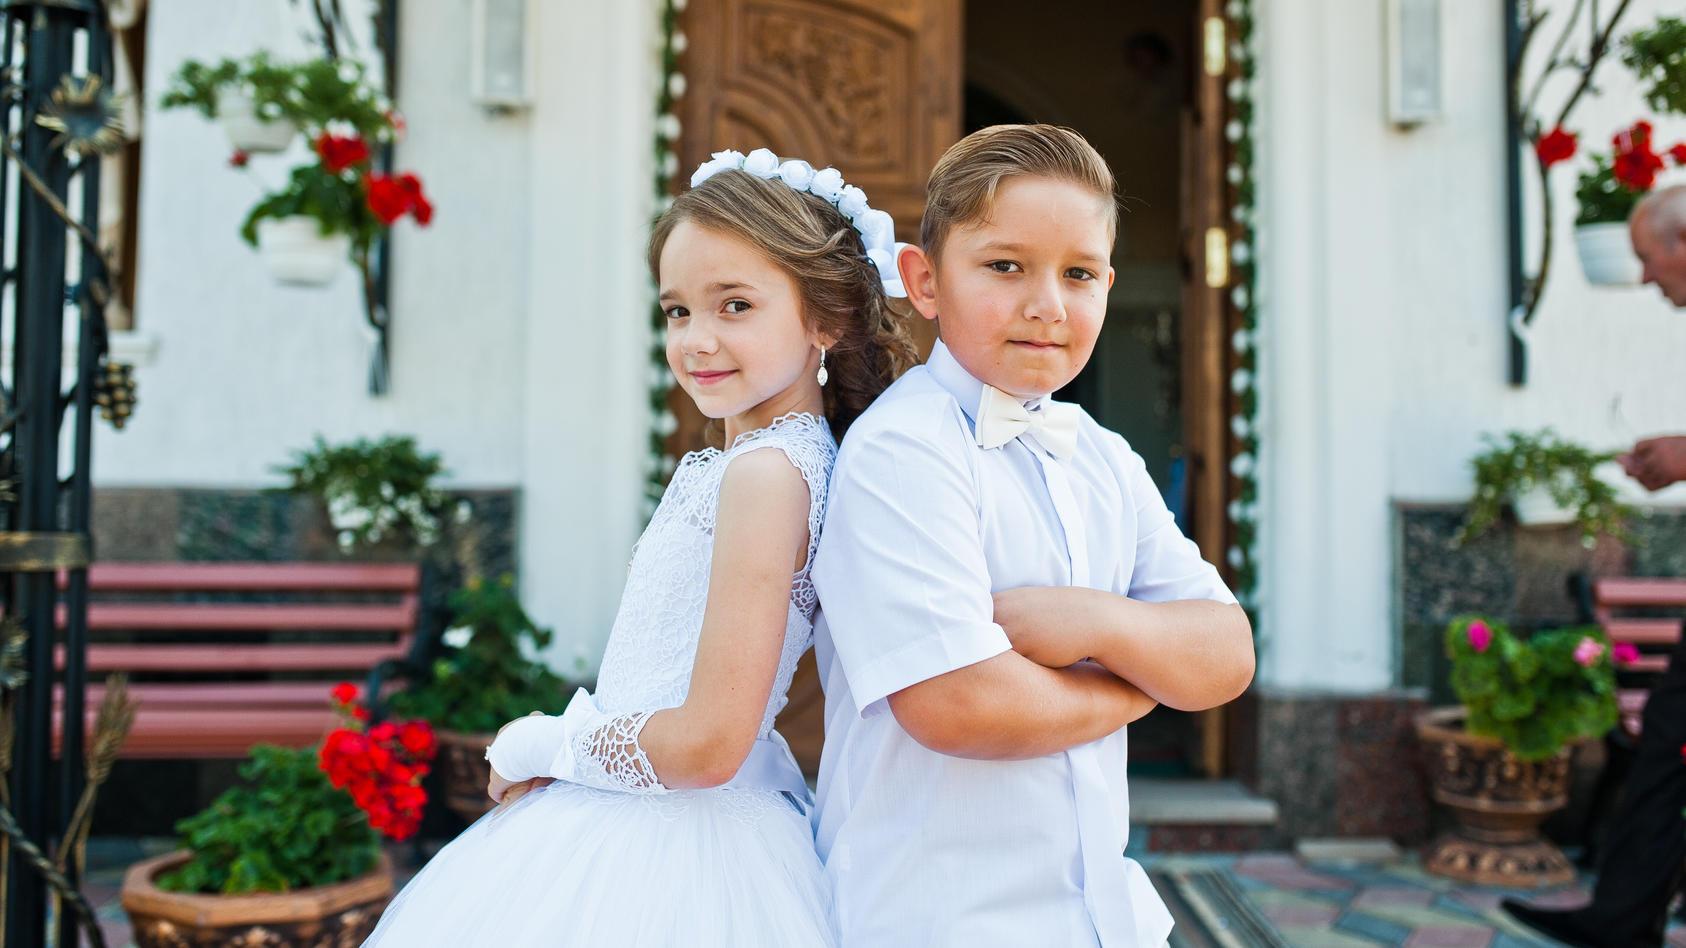 Die Kommunion ist für Kinder ein wichtiges Ereignis. Mit den passenden Geschenken wird der Tag sogar noch schöner